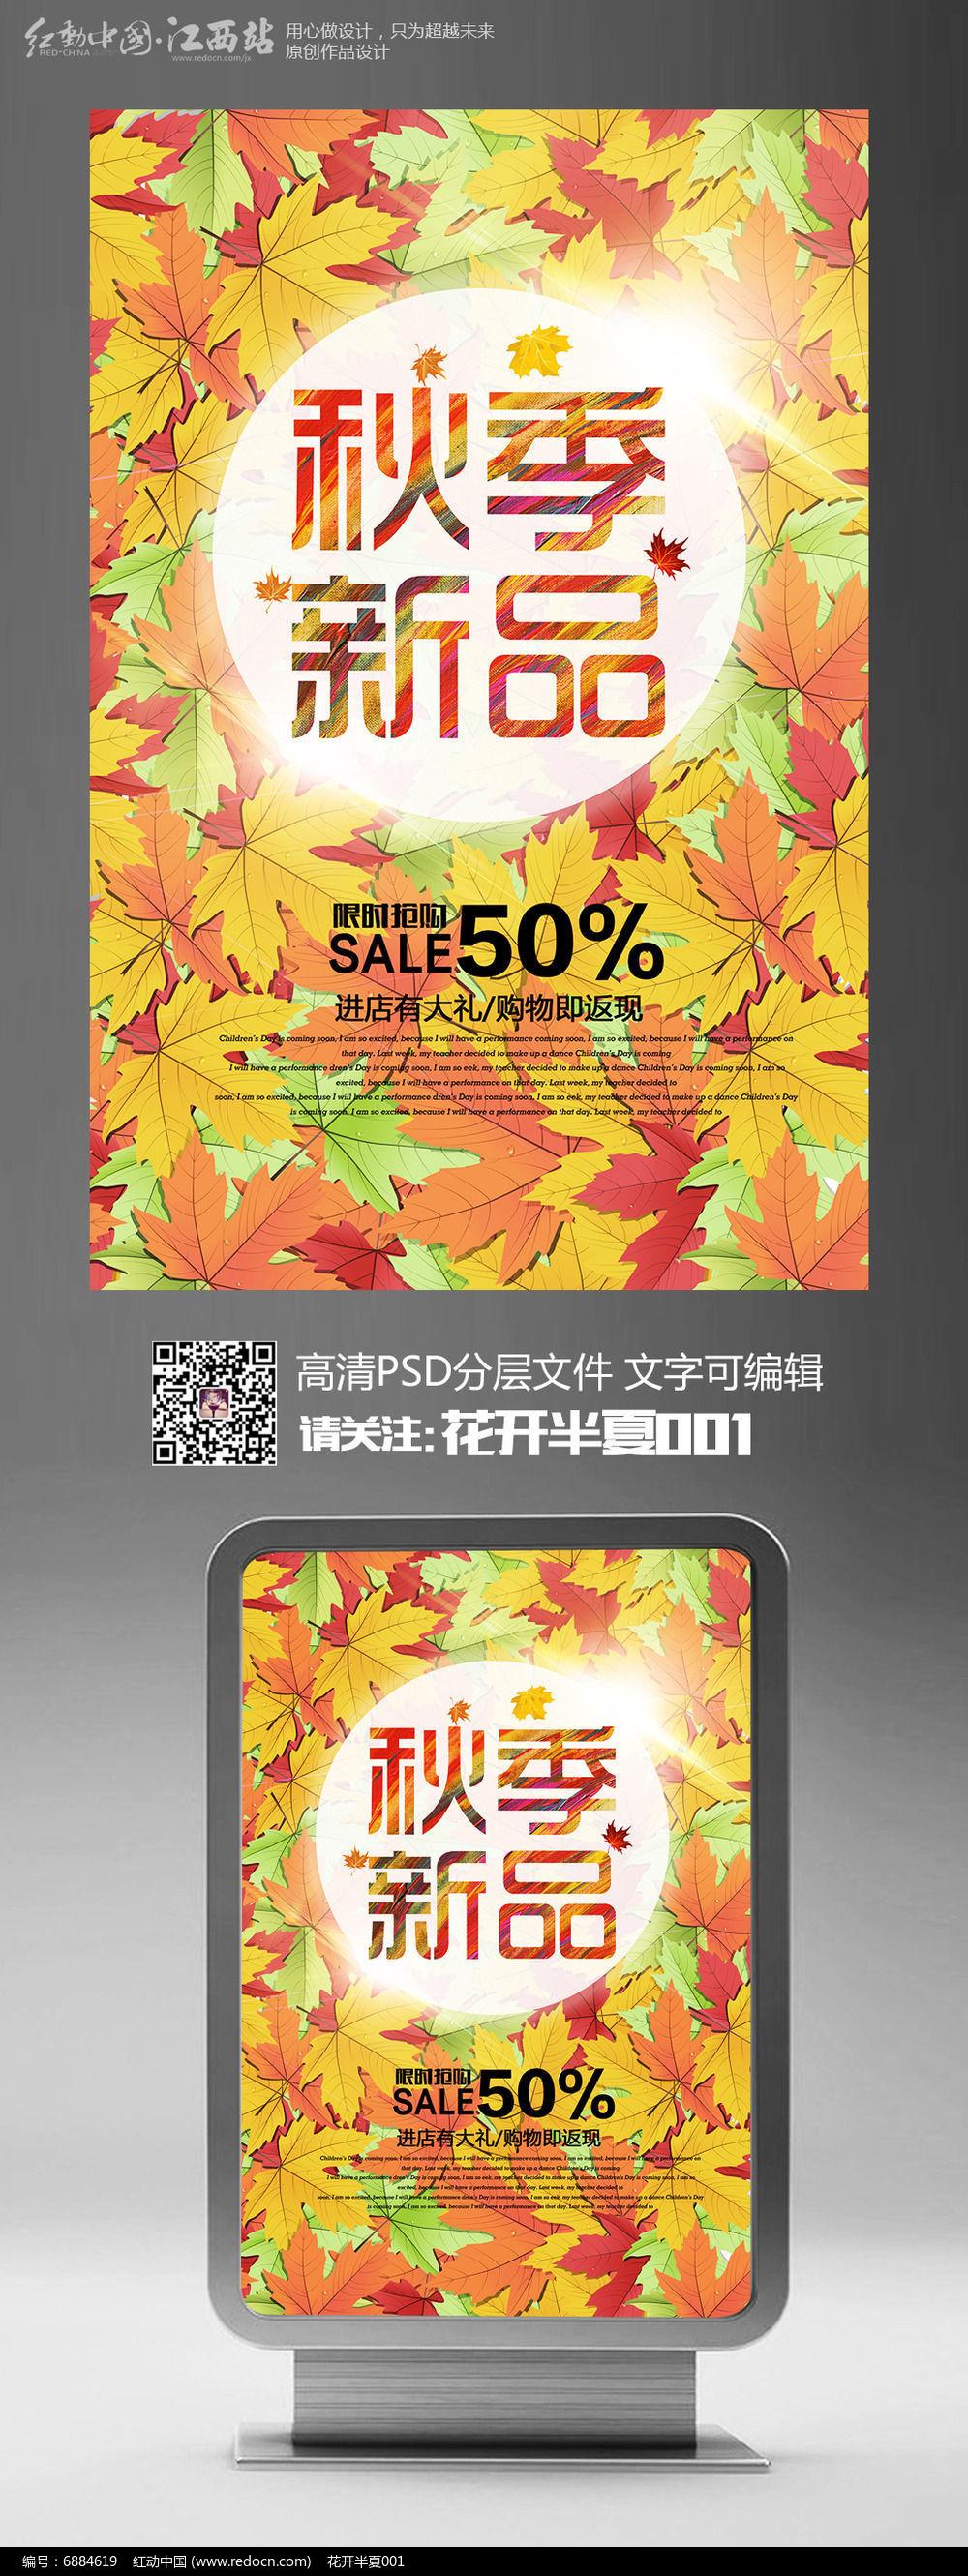 炫彩创意秋季新品上市宣传促销海报设计